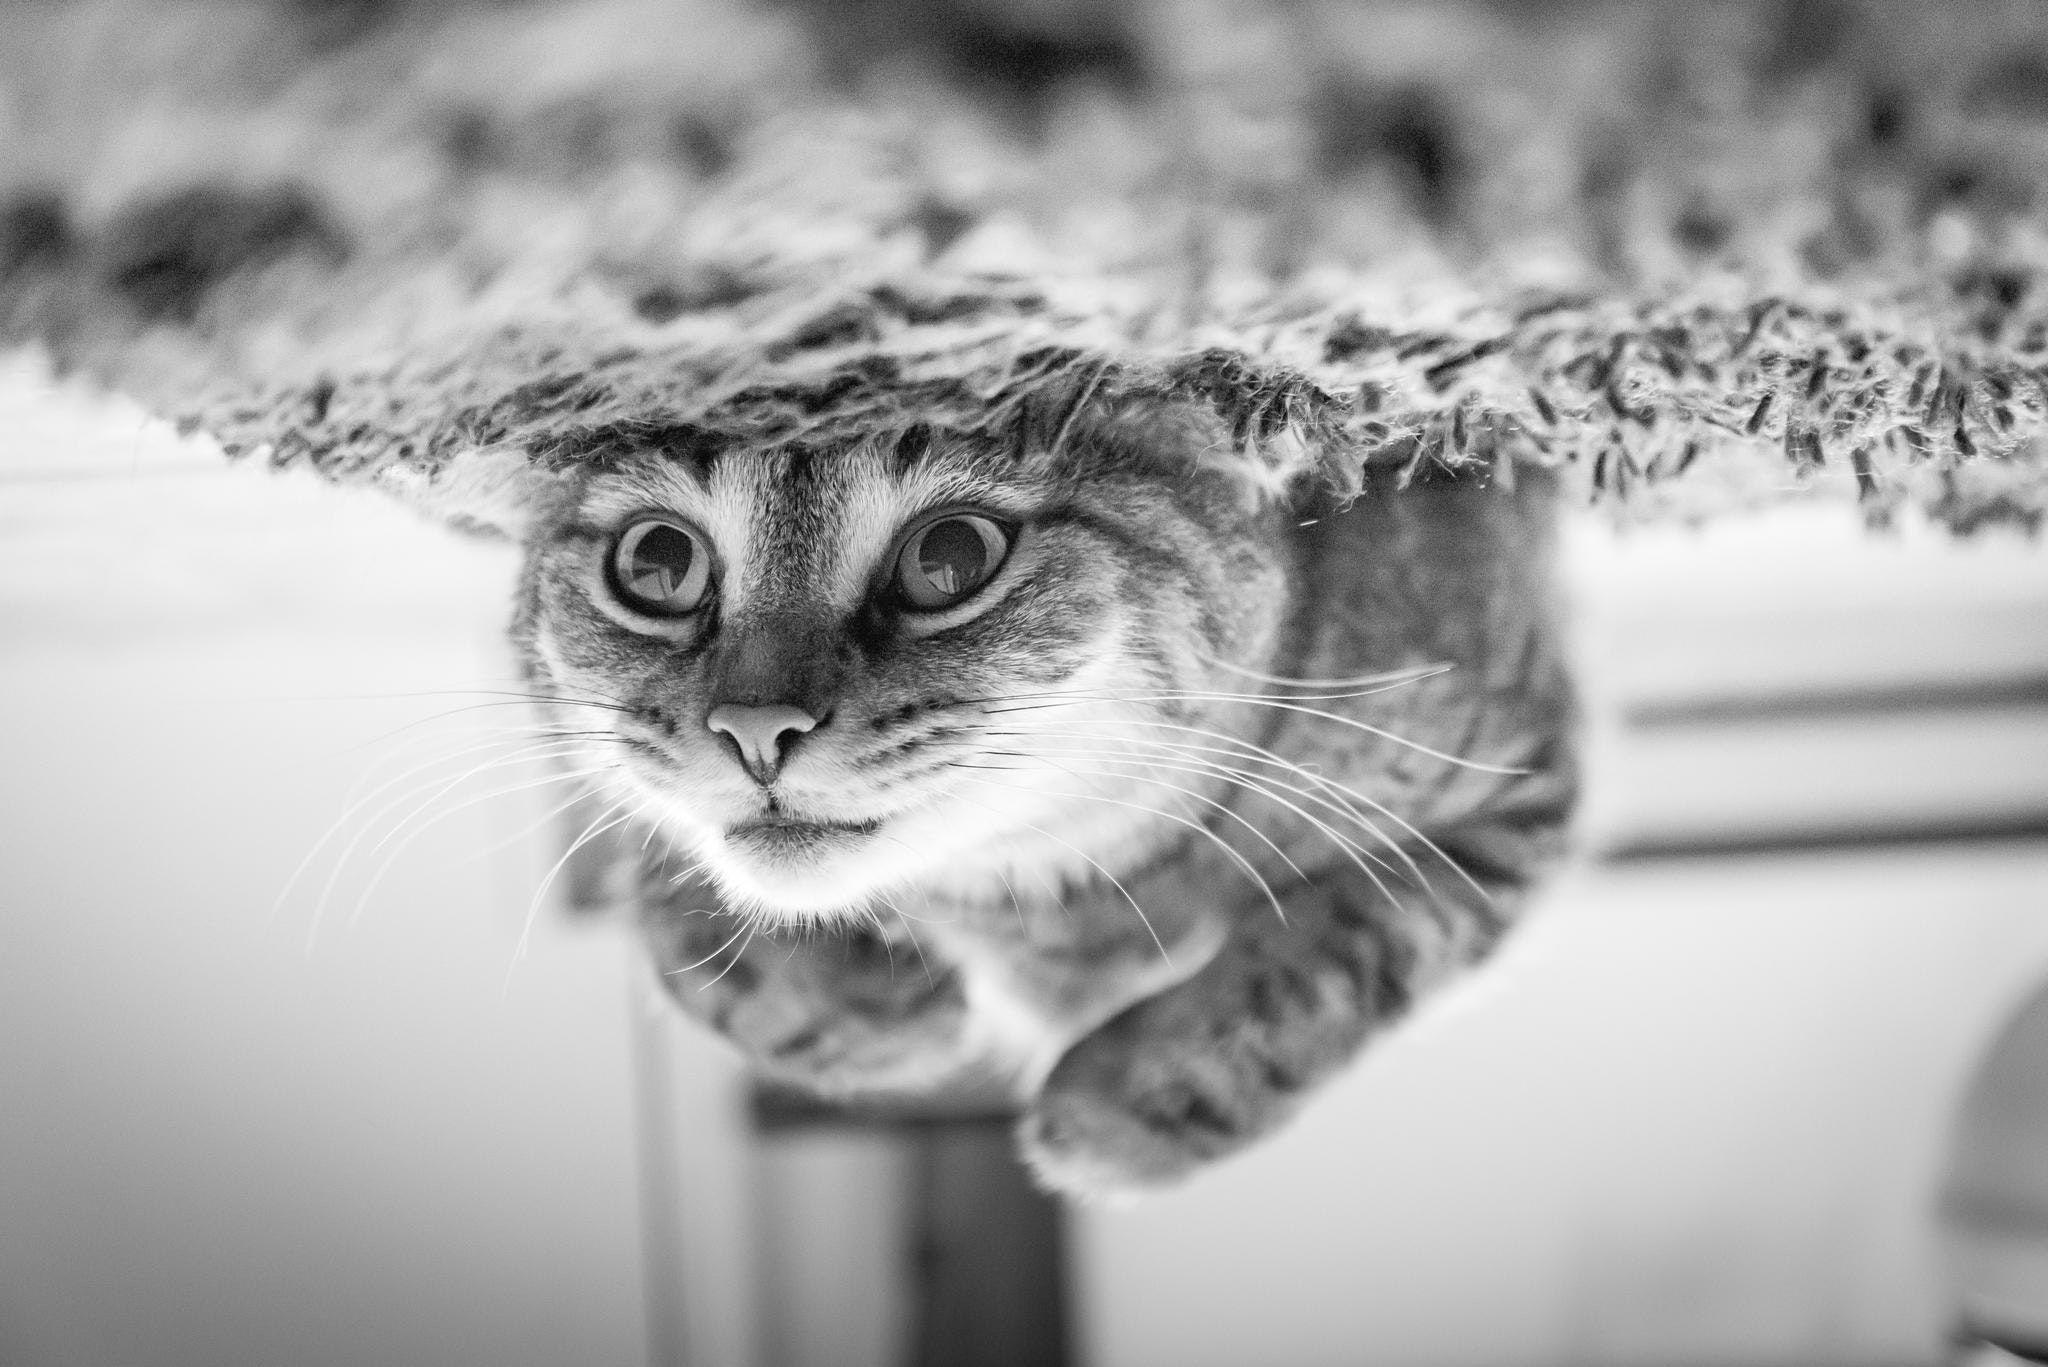 A cat upside down